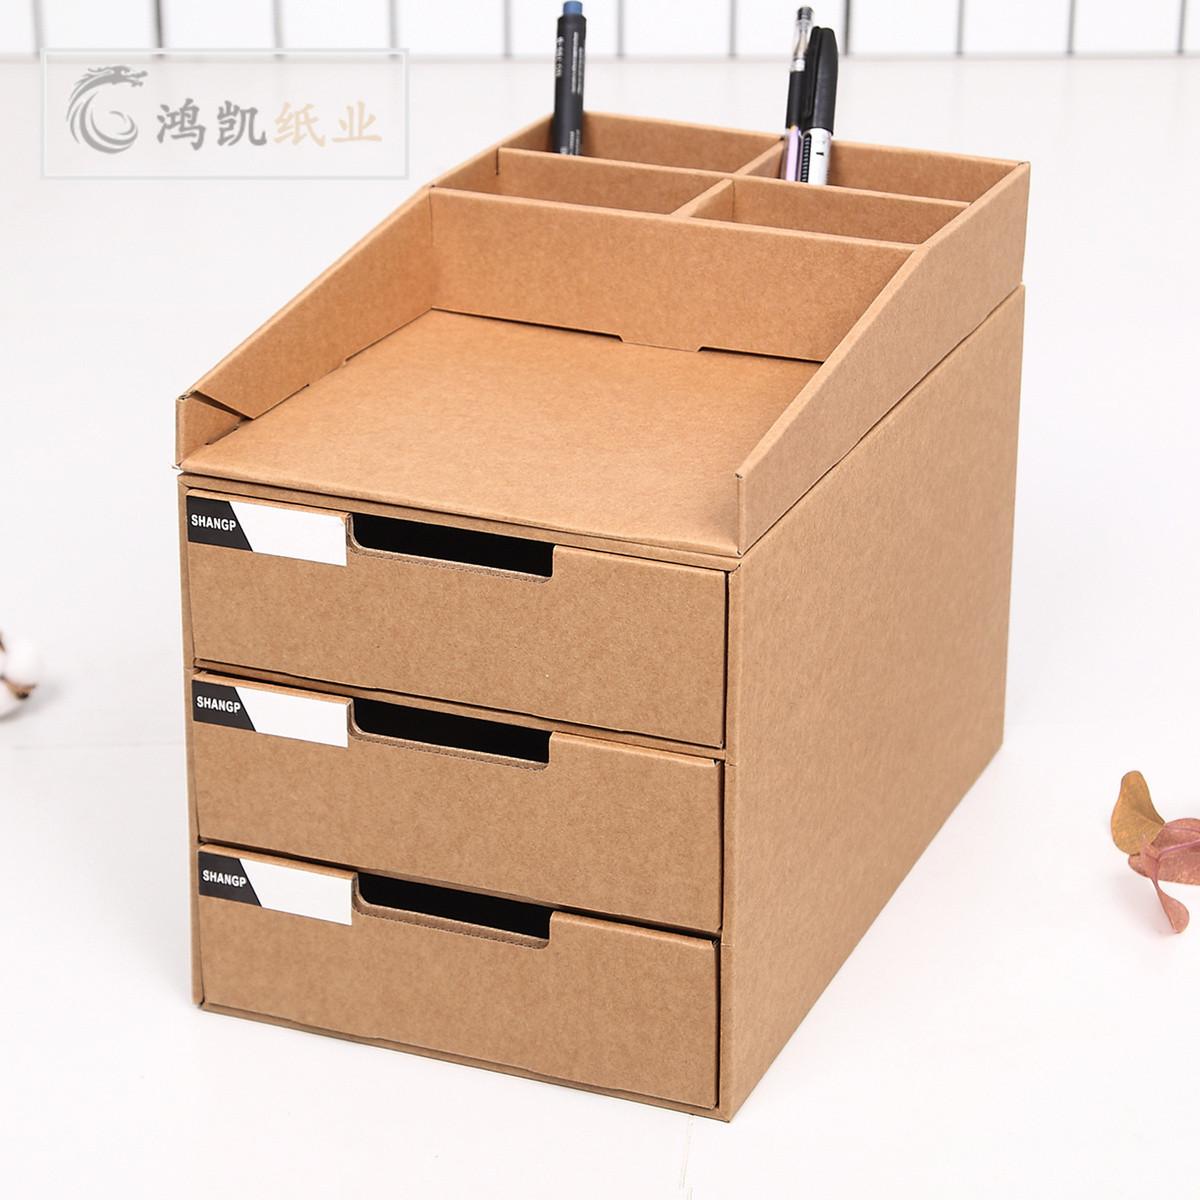 A4纸质桌面收纳盒学生文件收纳整理盒多层抽屉收纳柜 文件架栏框